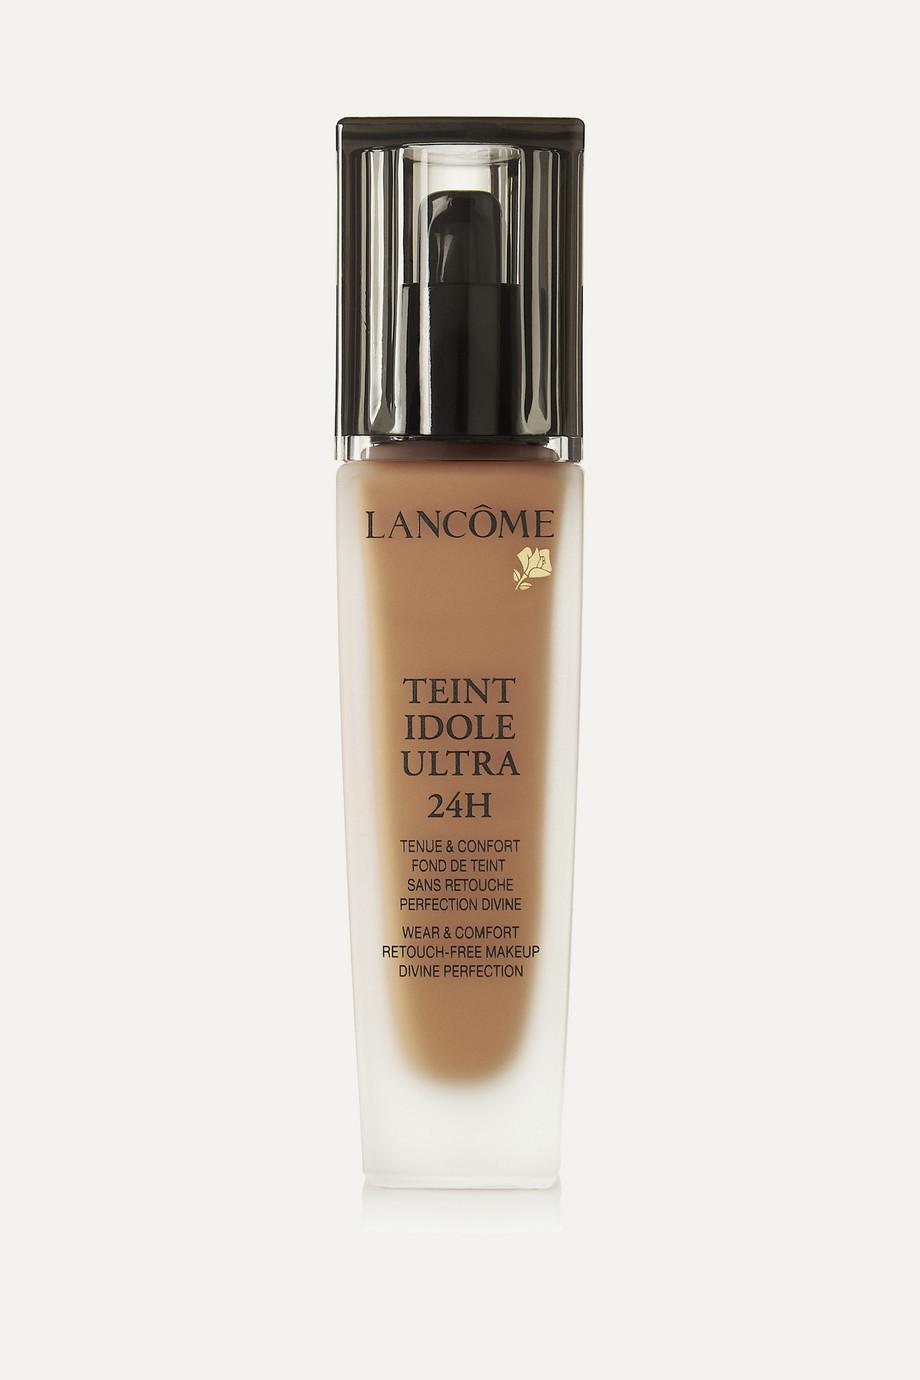 Lancôme Teint Idole Ultra 24H Liquid Foundation - 510 Suede C, 30ml